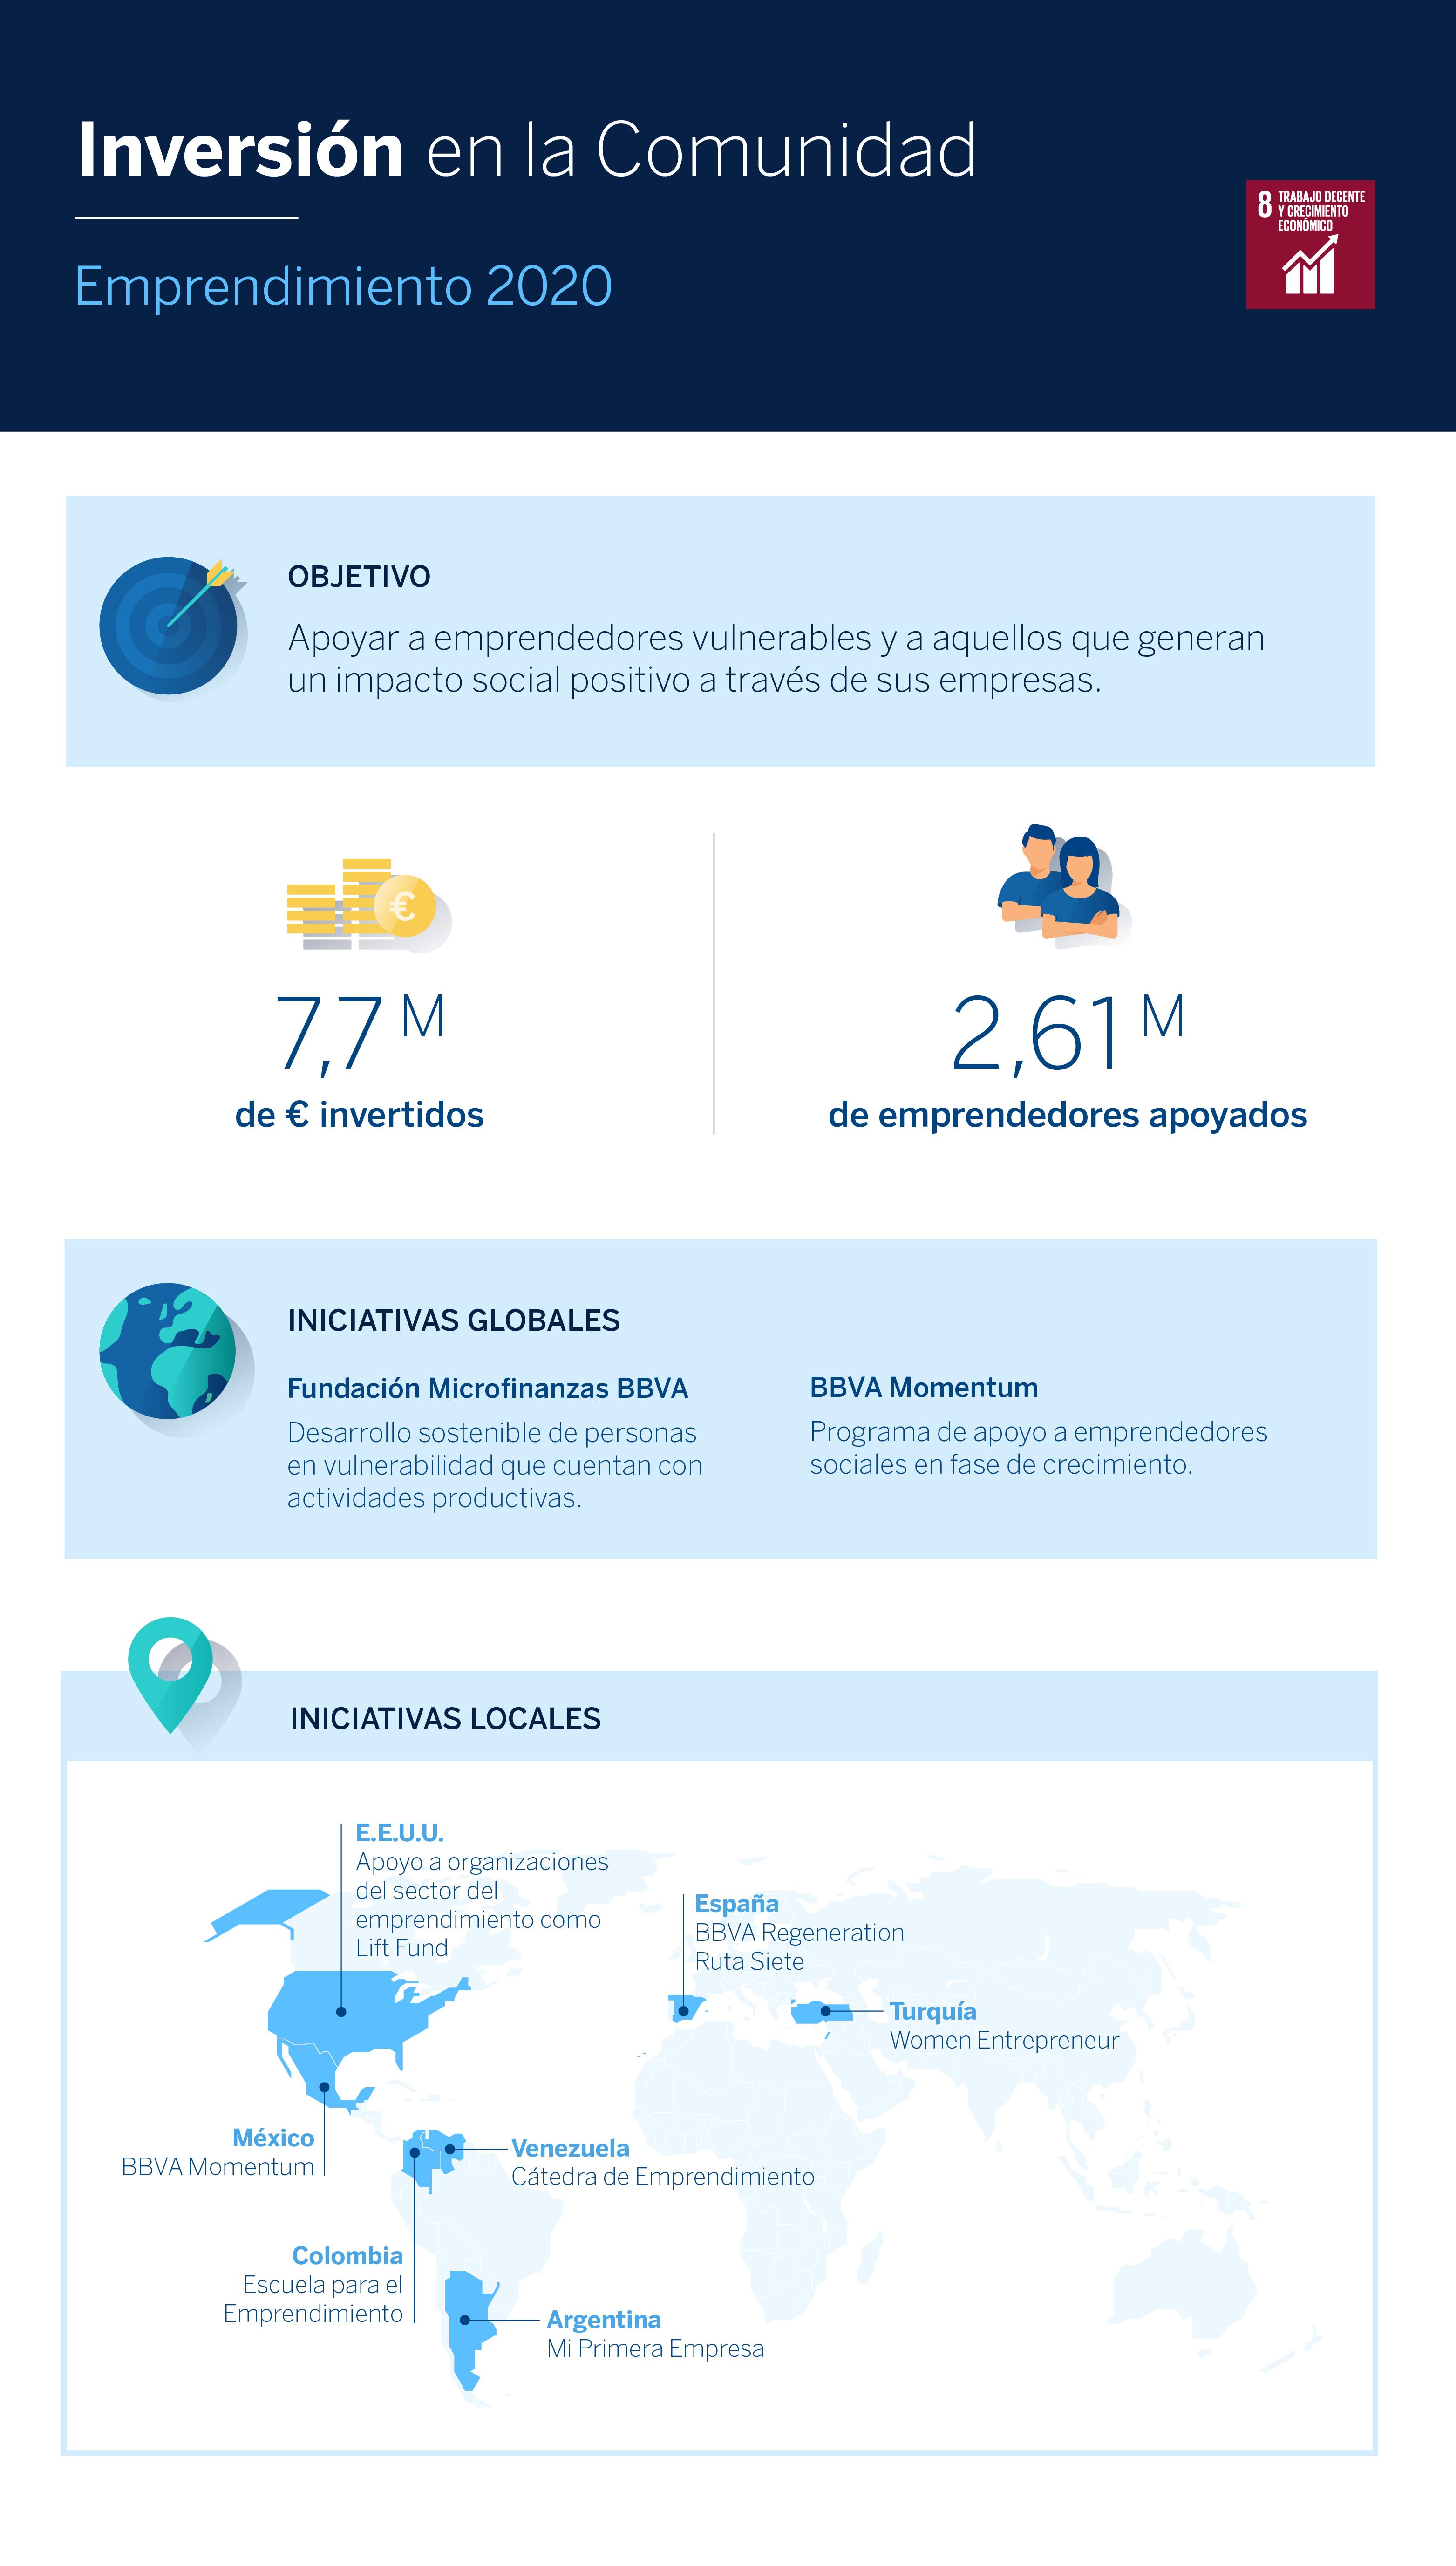 Inversion-Comunidad_Emprendimiento-BBVA-2020_infografia-español